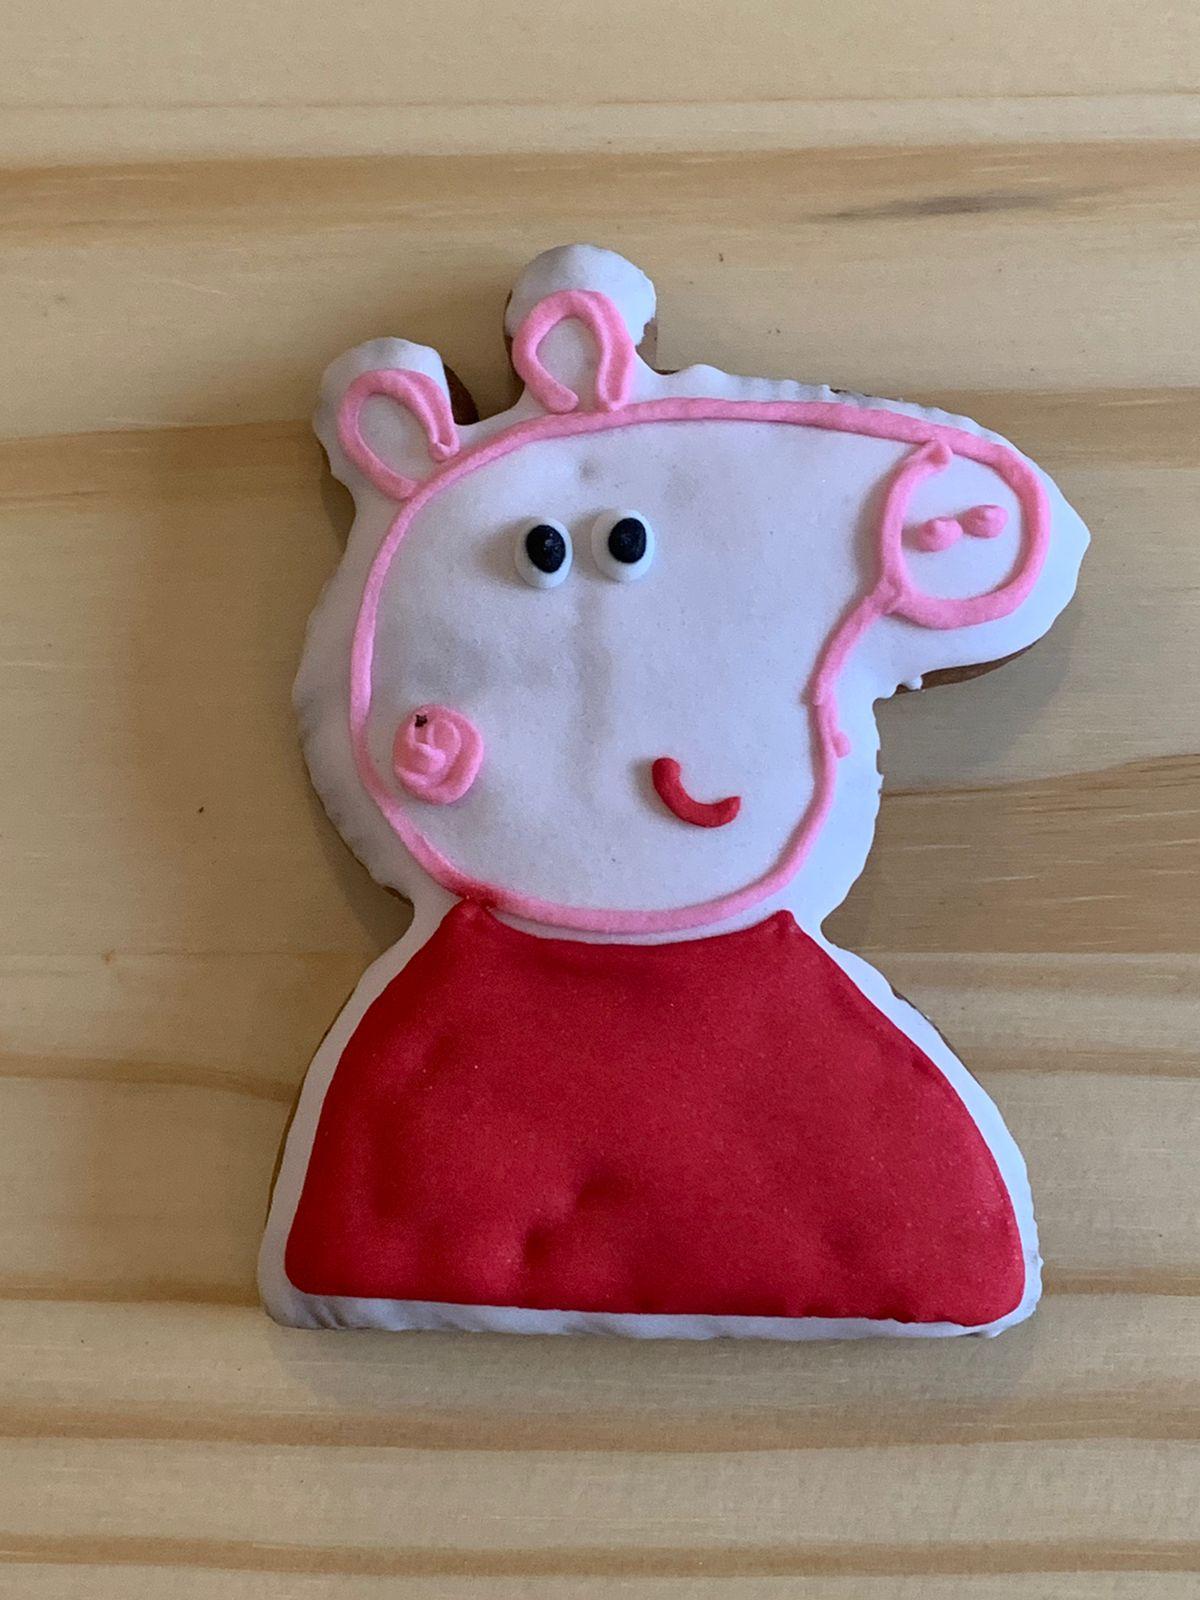 Biscoito artesanal de Mel, decorado com glacê- Personagem Peppa Pig - Unidade